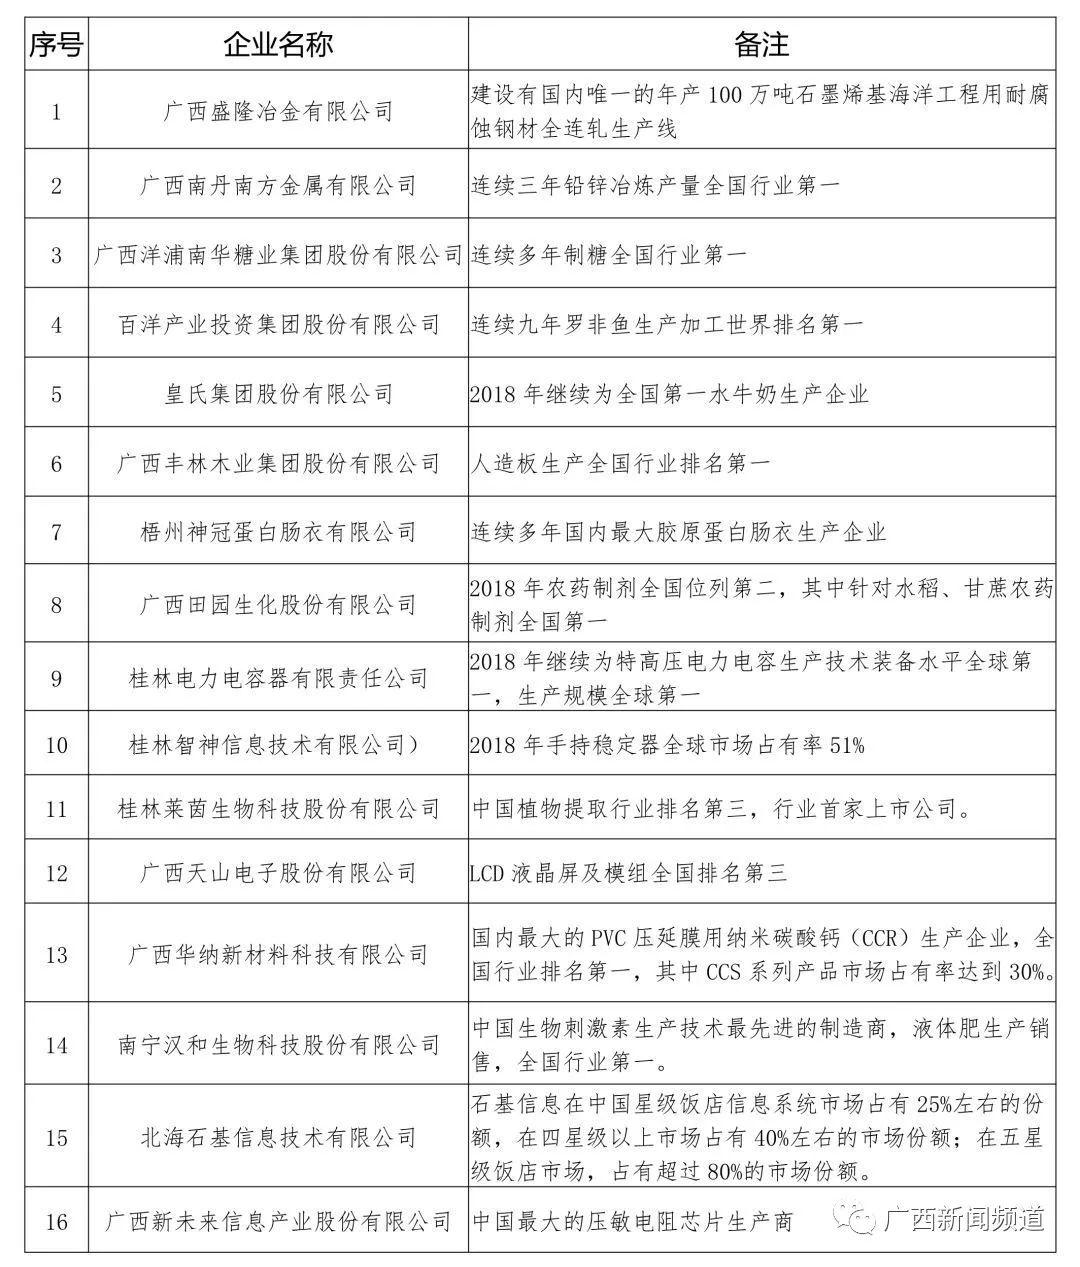 2019年纳税排行榜_樟树2019年纳税排行榜出炉,看看樟树企业排名